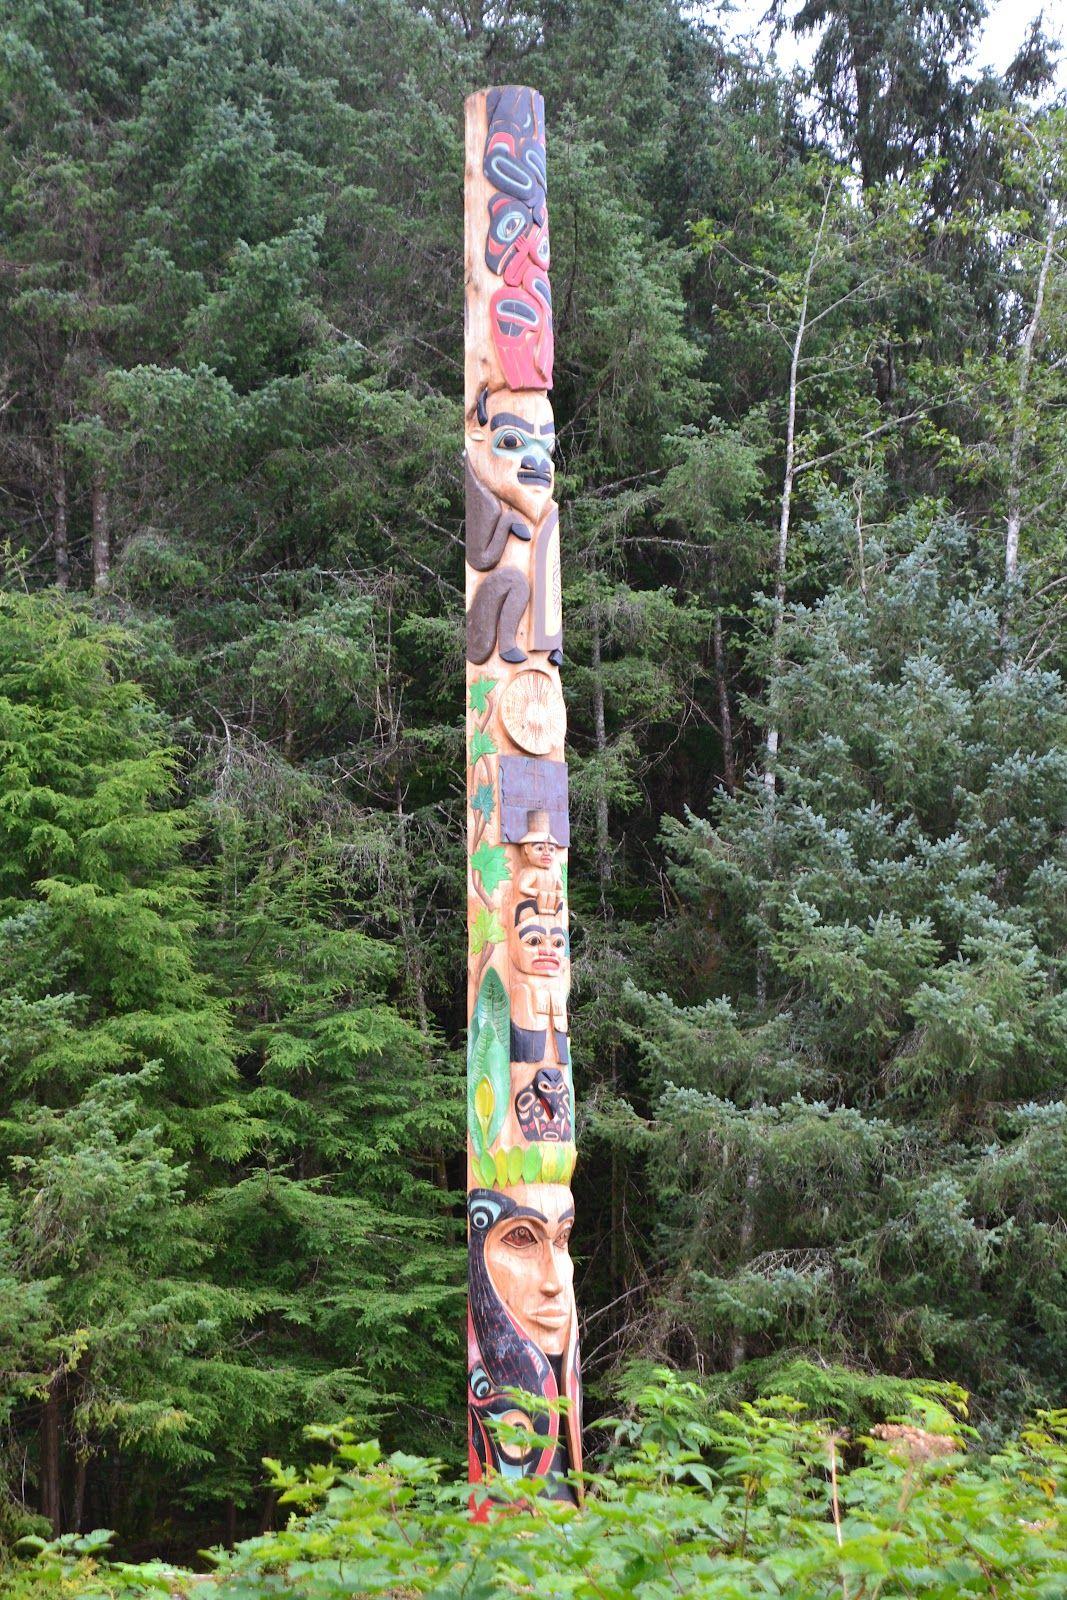 totem poles | Tlinget Totem Pole, Totem Park, Sitka 9/19/12